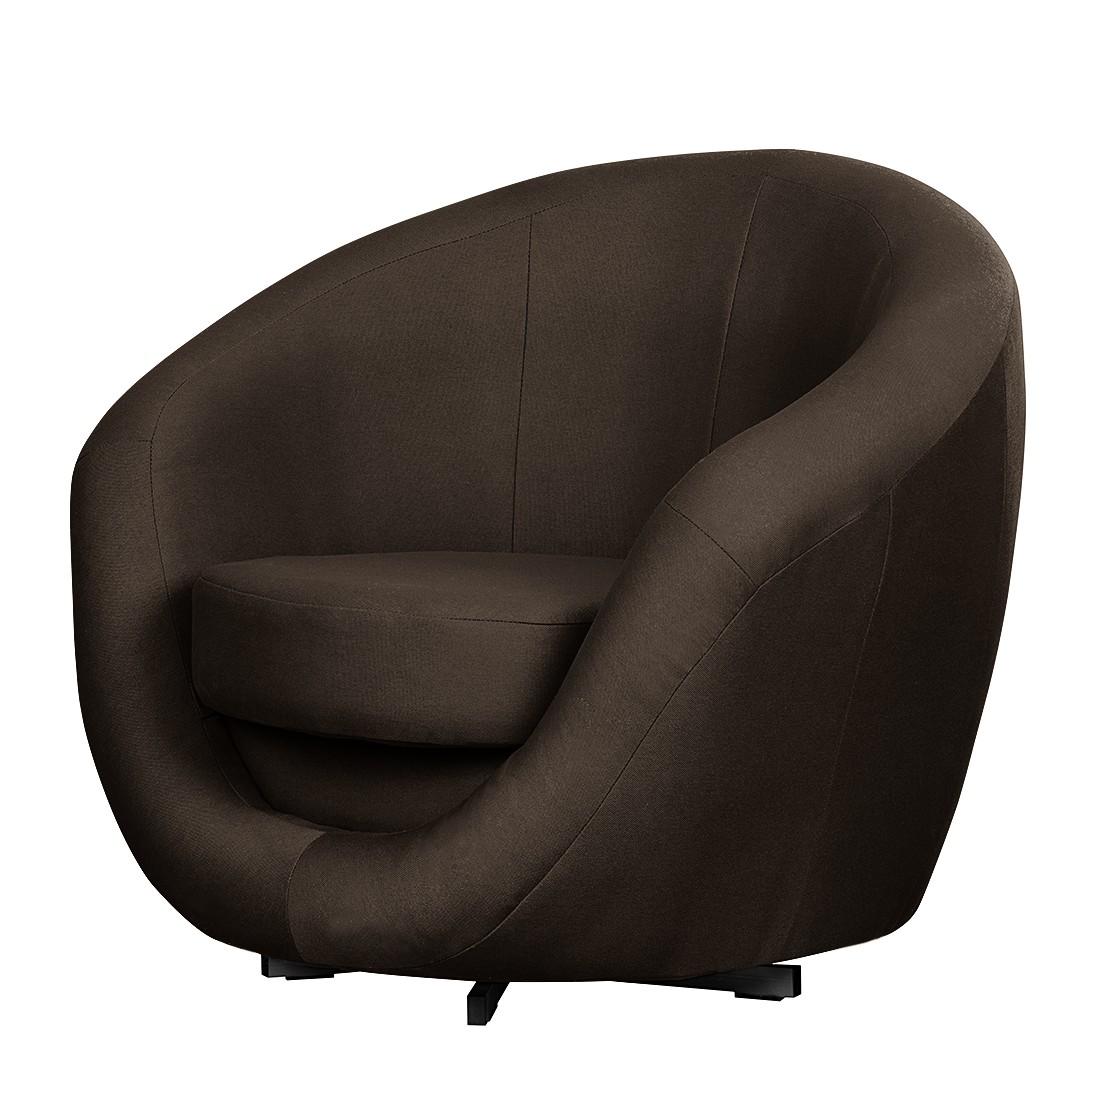 moderne fauteuils de salon design pas cher fs inspire. Black Bedroom Furniture Sets. Home Design Ideas